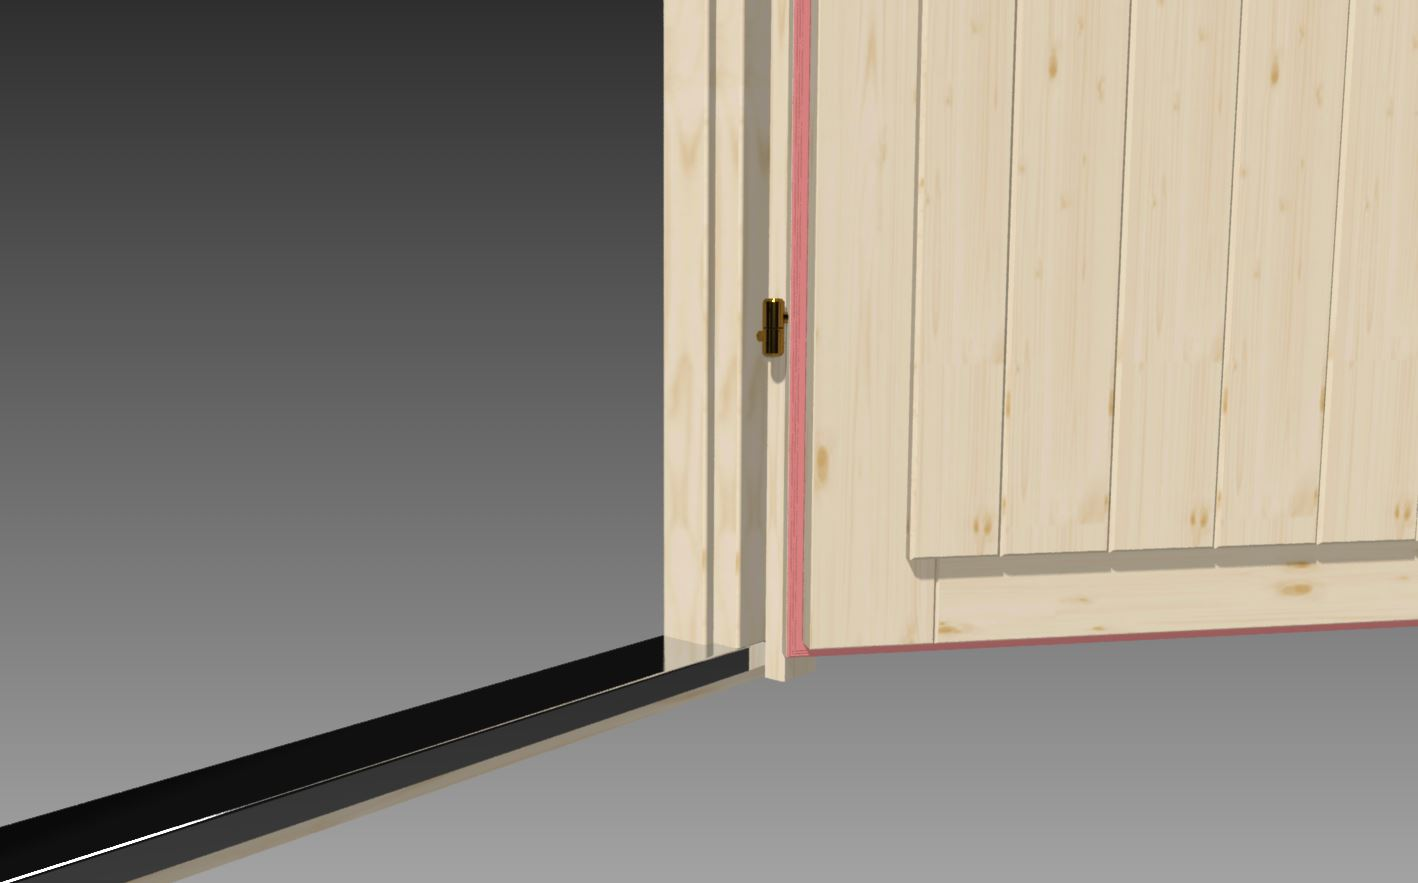 bausatz aus nordischer fichte f r gartenhaus leon 7 25 m x 4 50 m. Black Bedroom Furniture Sets. Home Design Ideas